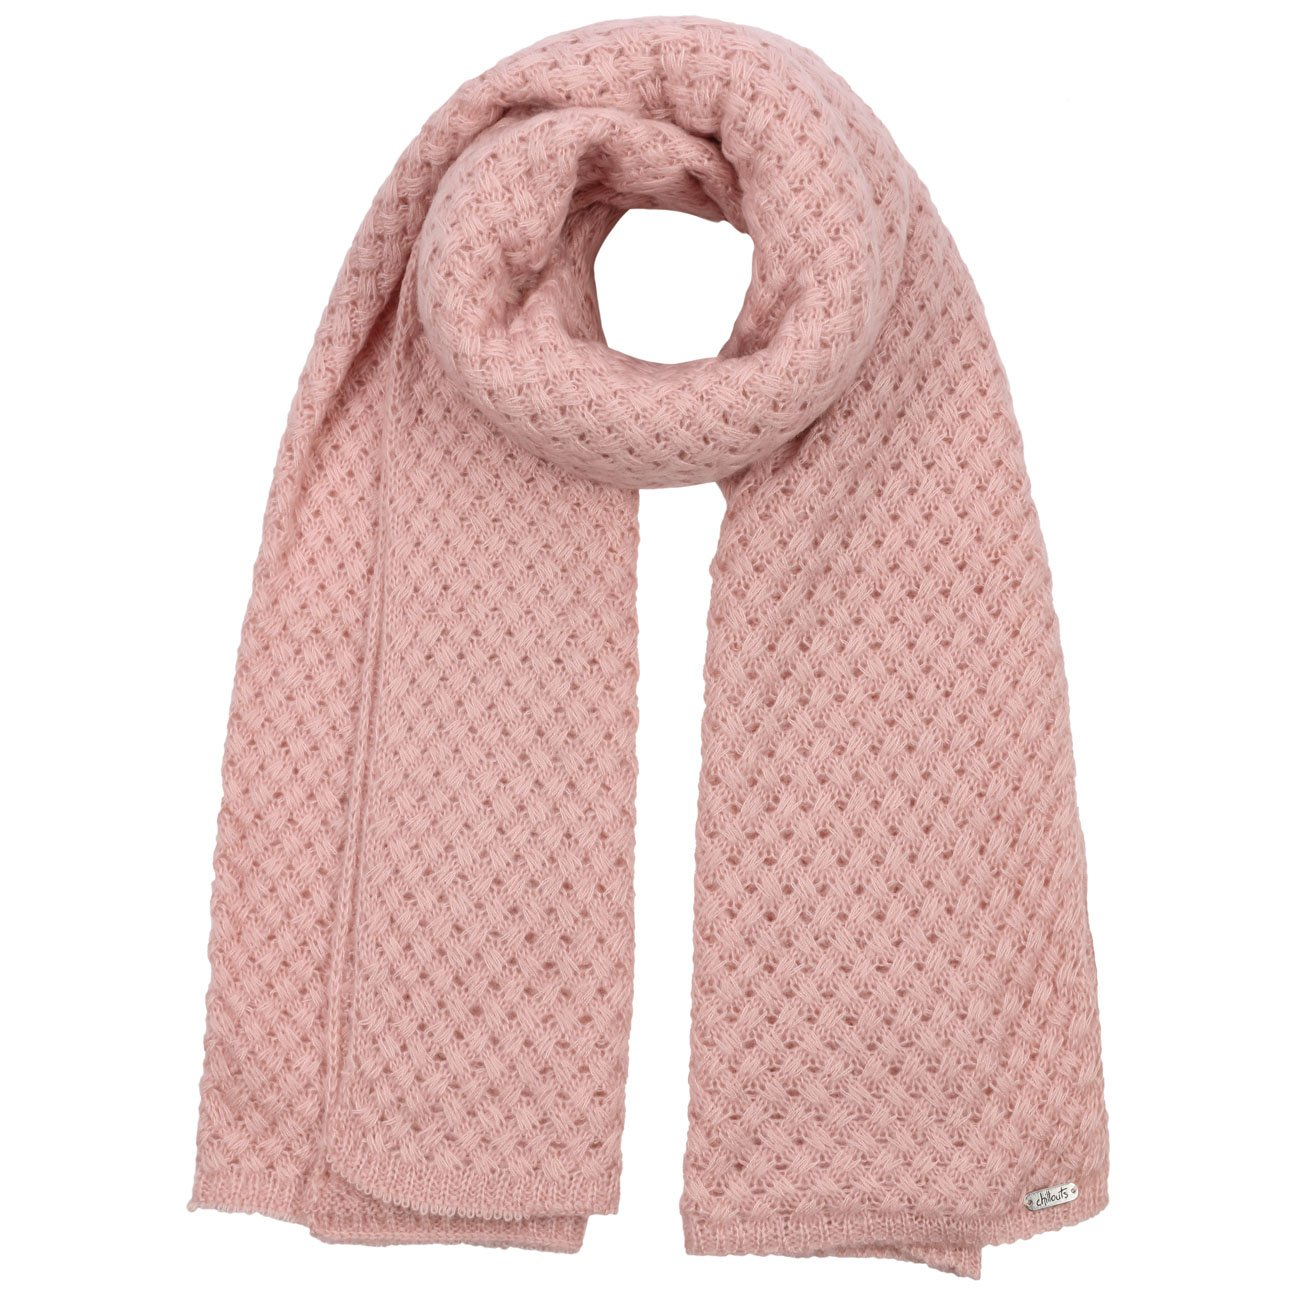 Bufanda de Mujer Jalajna by Chillouts bufanda de inviernobufanda de punto (talla única - rosado)